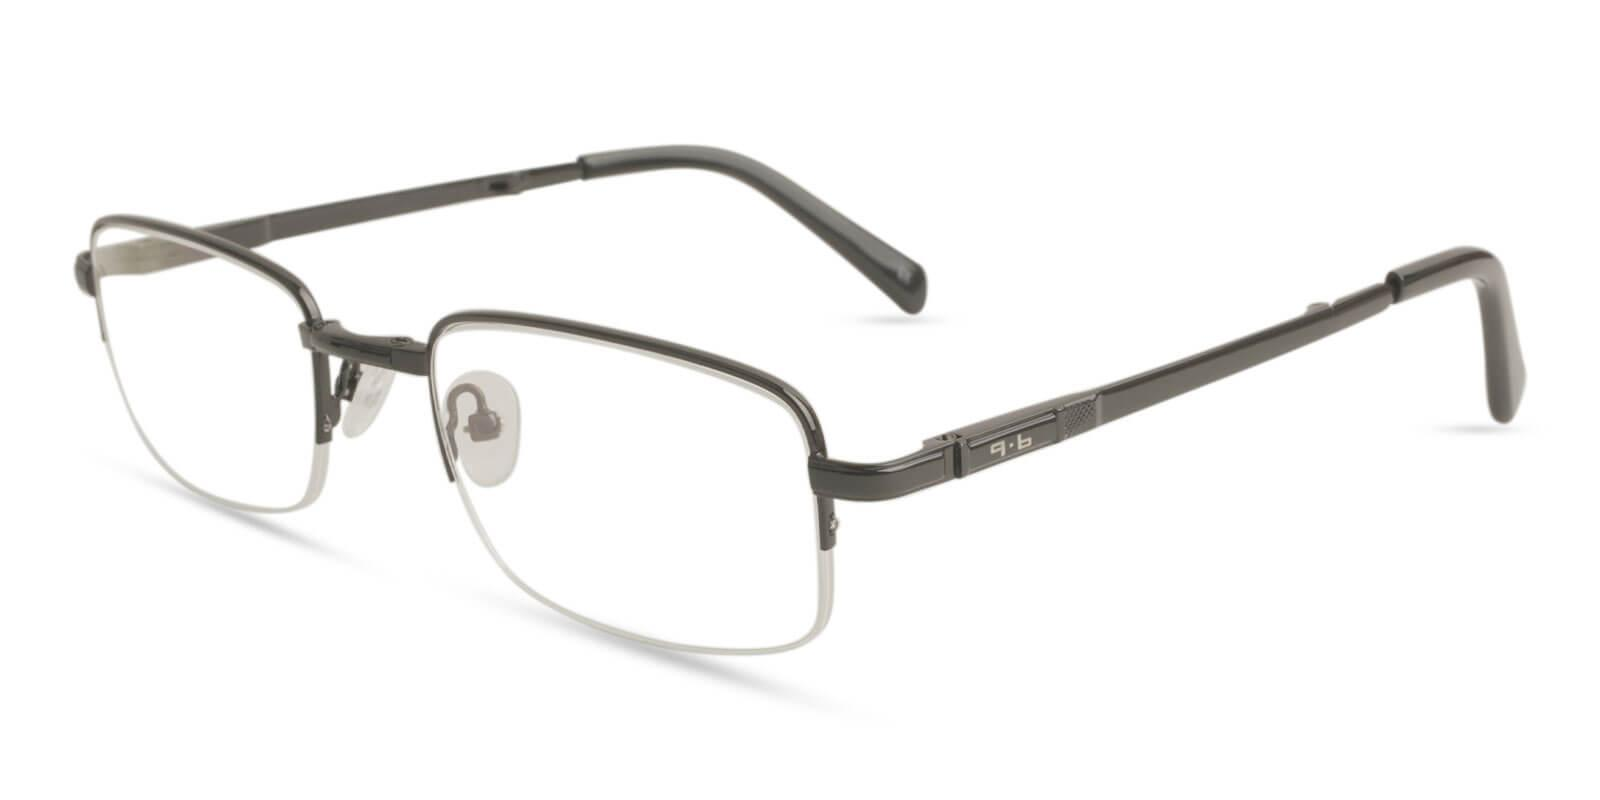 Carson Black Metal NosePads , Eyeglasses , Foldable Frames from ABBE Glasses